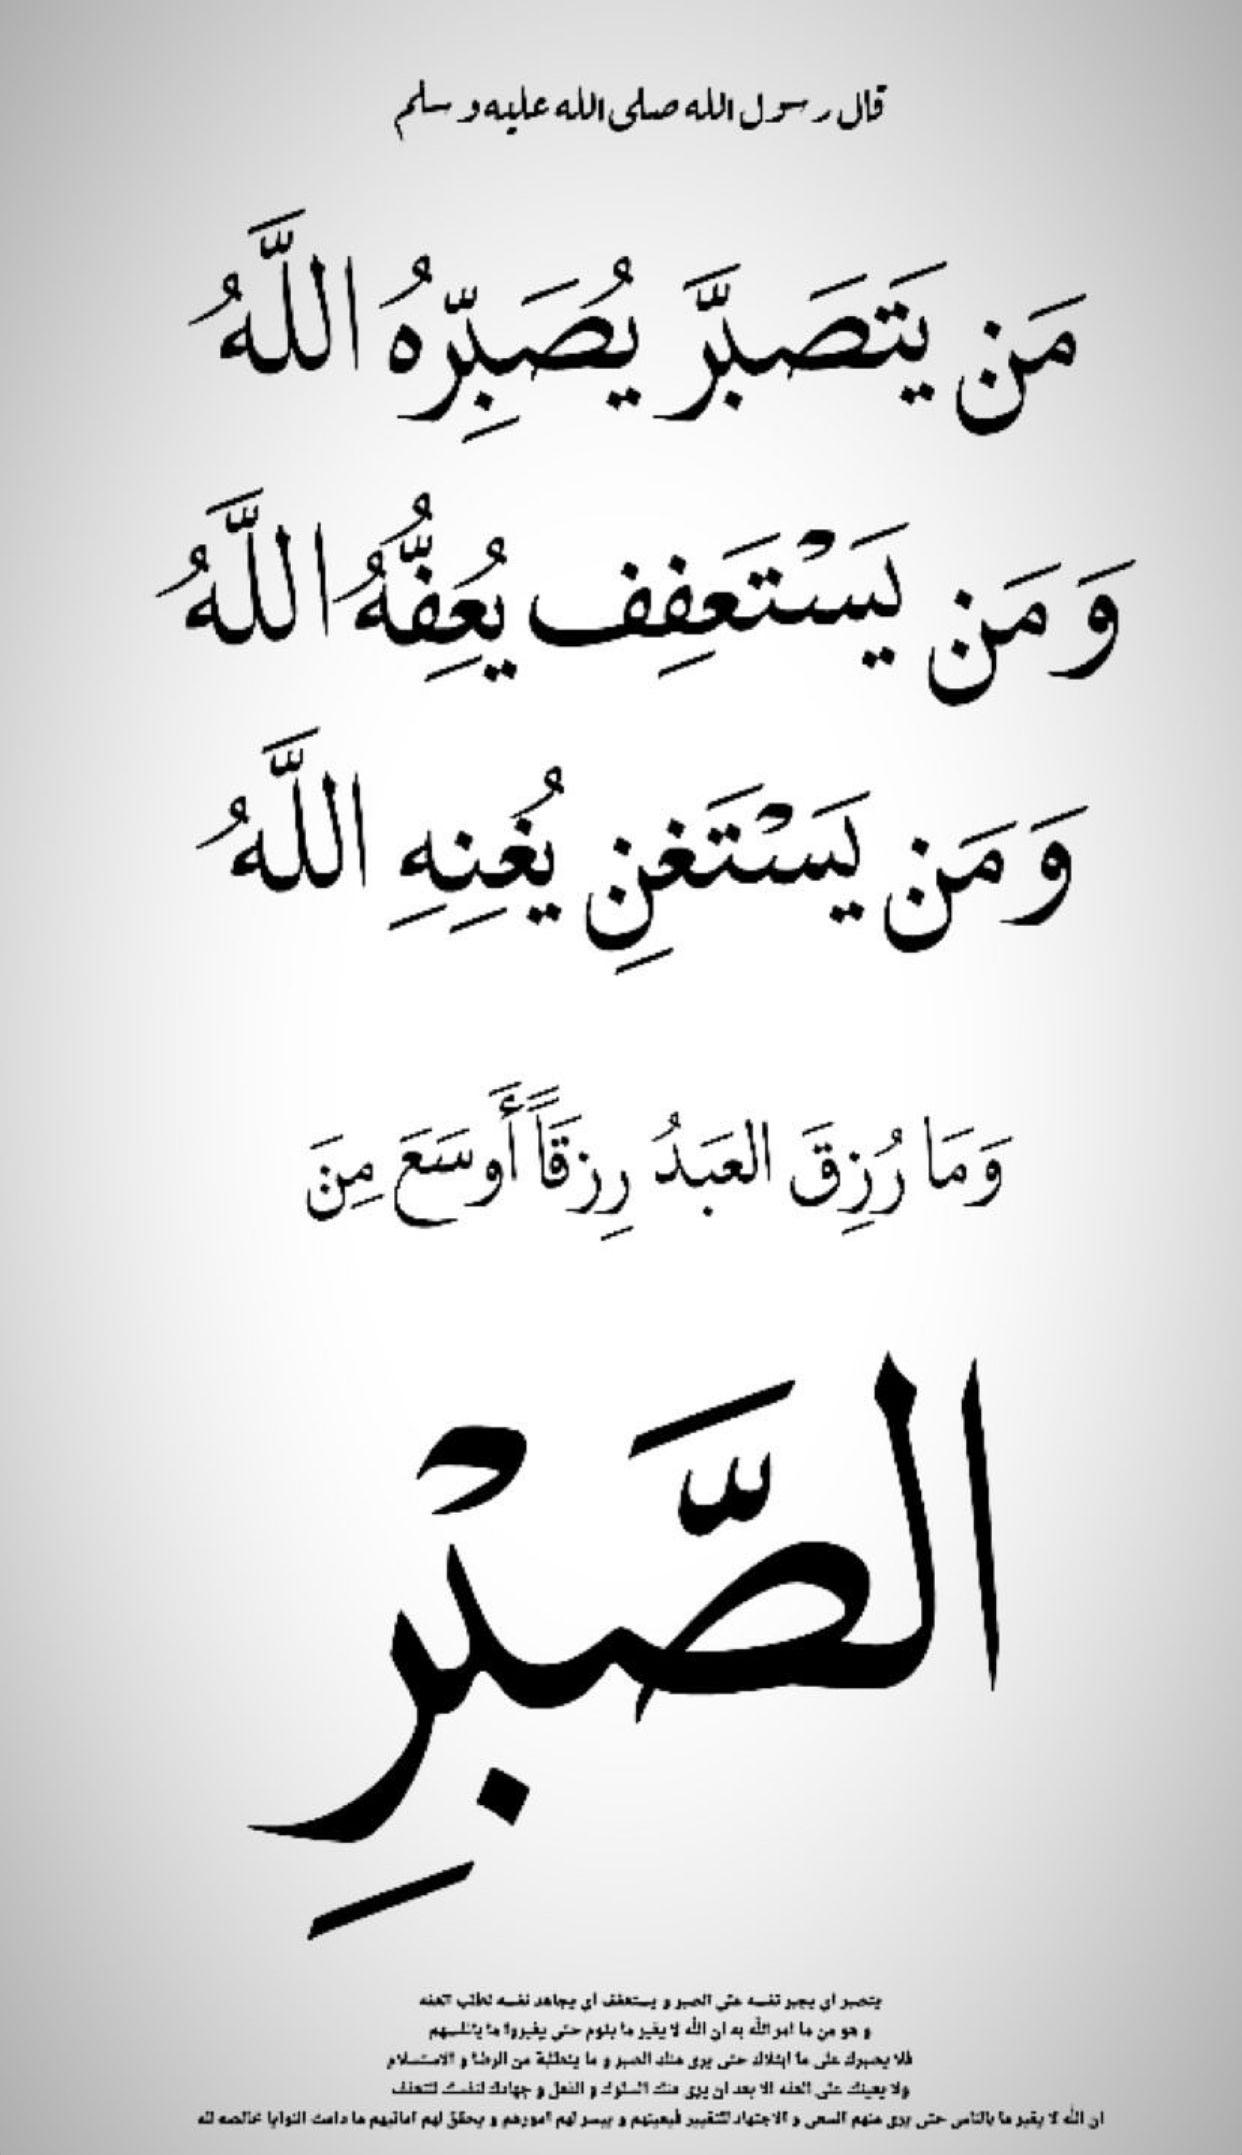 الصبر والفرج صور الاستغفار الدعاء المستجاب Arabic Quotes Arabic Calligraphy Arabic